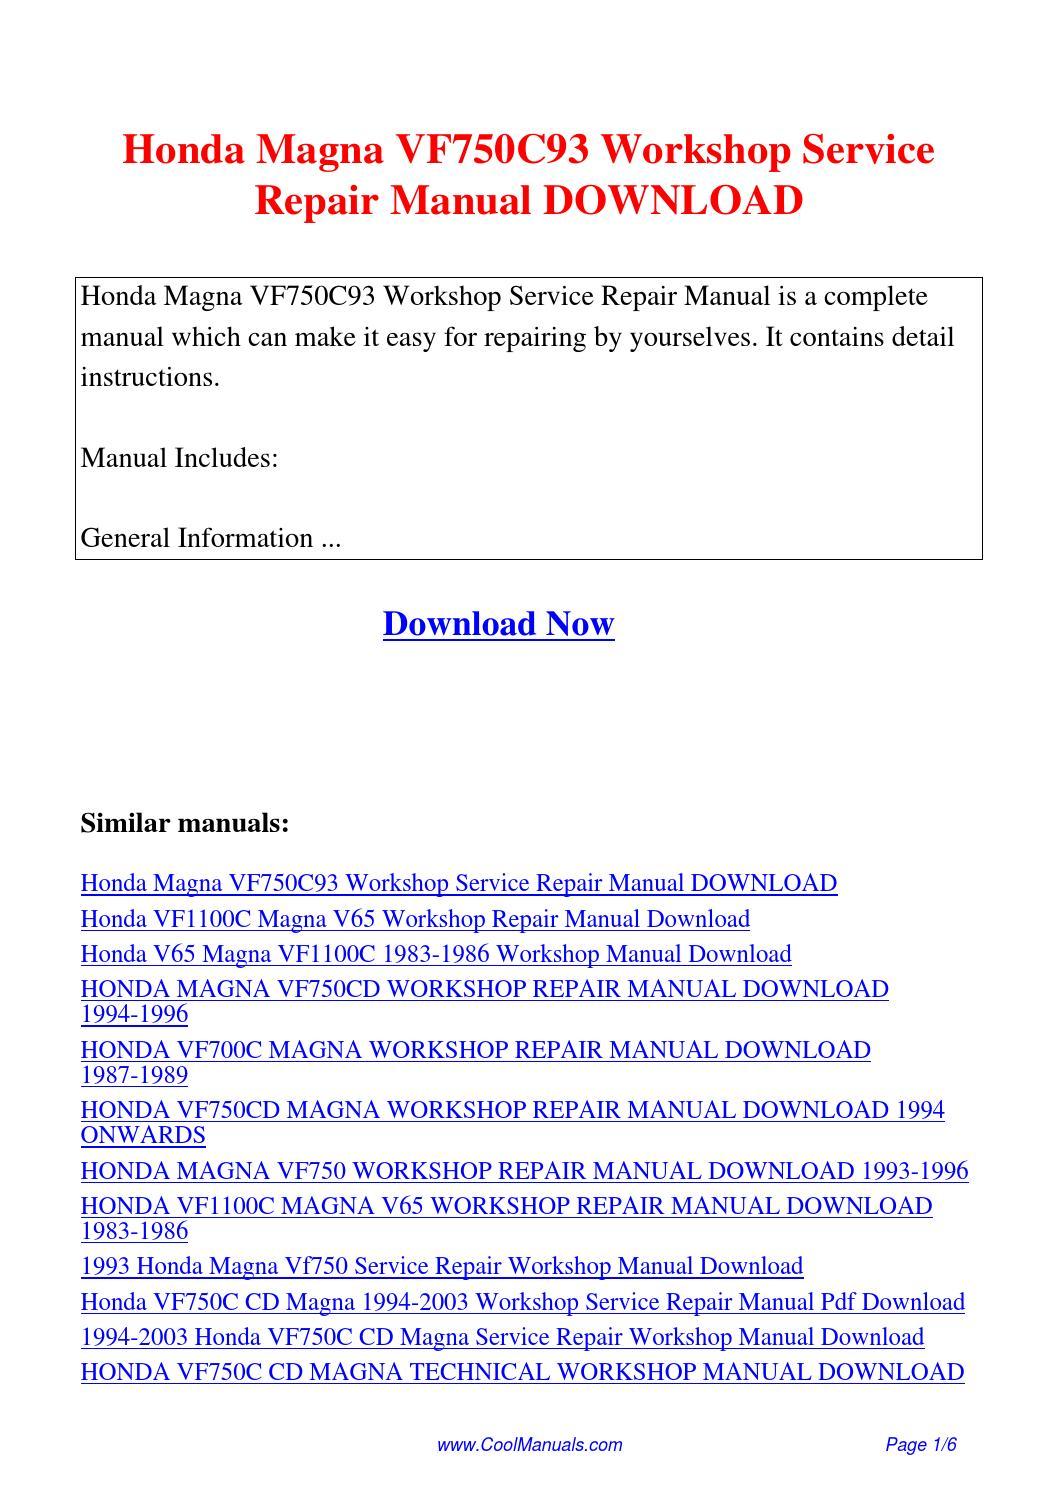 2001 2003 honda vt750dc workshop repair manual download